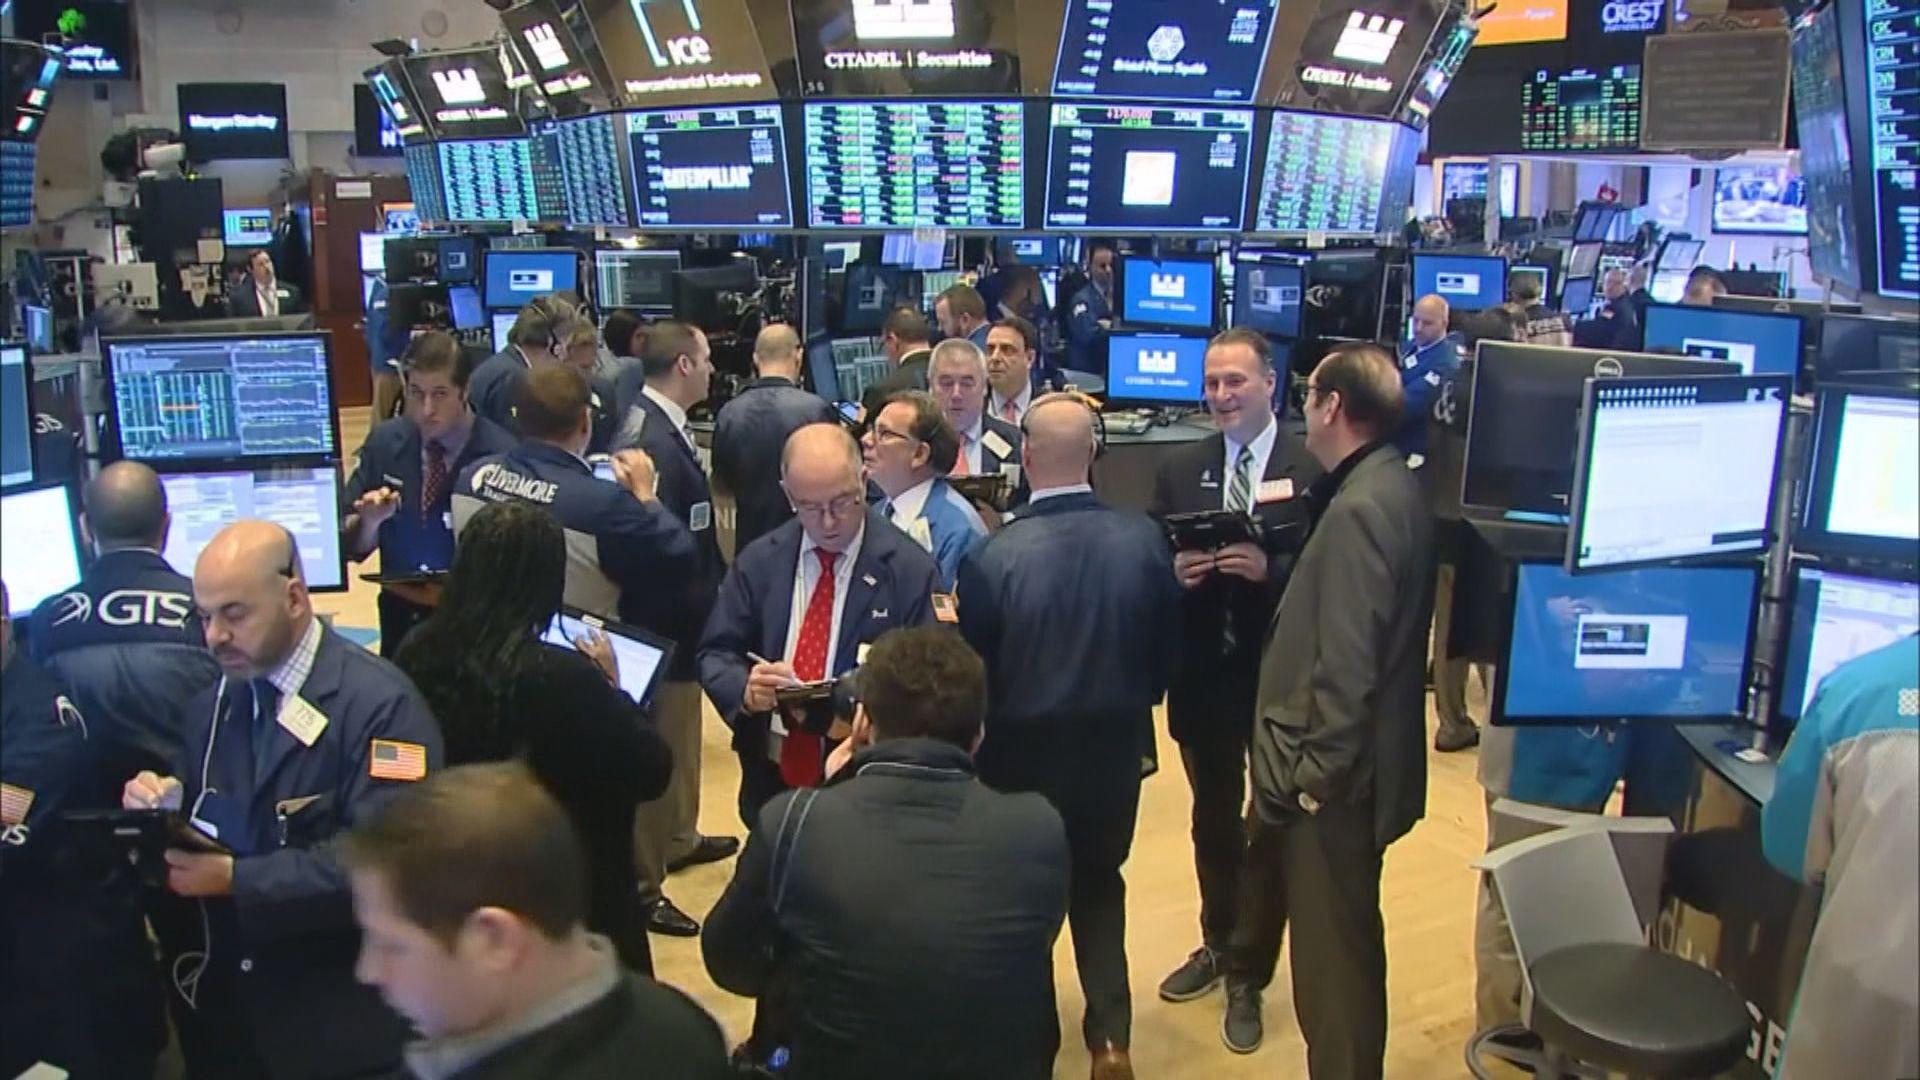 貿易前景吹暖風及歐央行推刺激政策 美股升